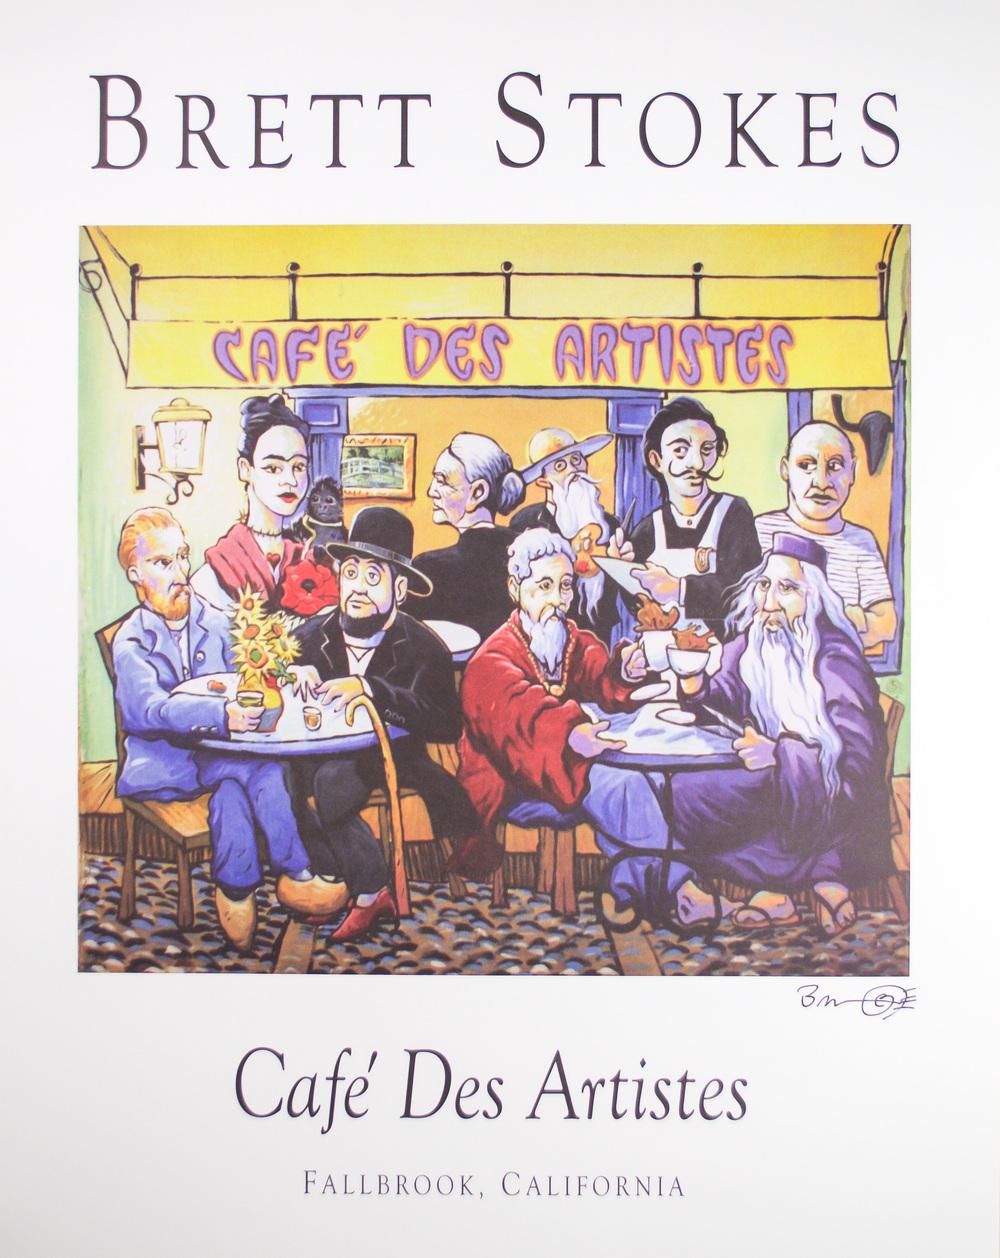 Brett Stokes